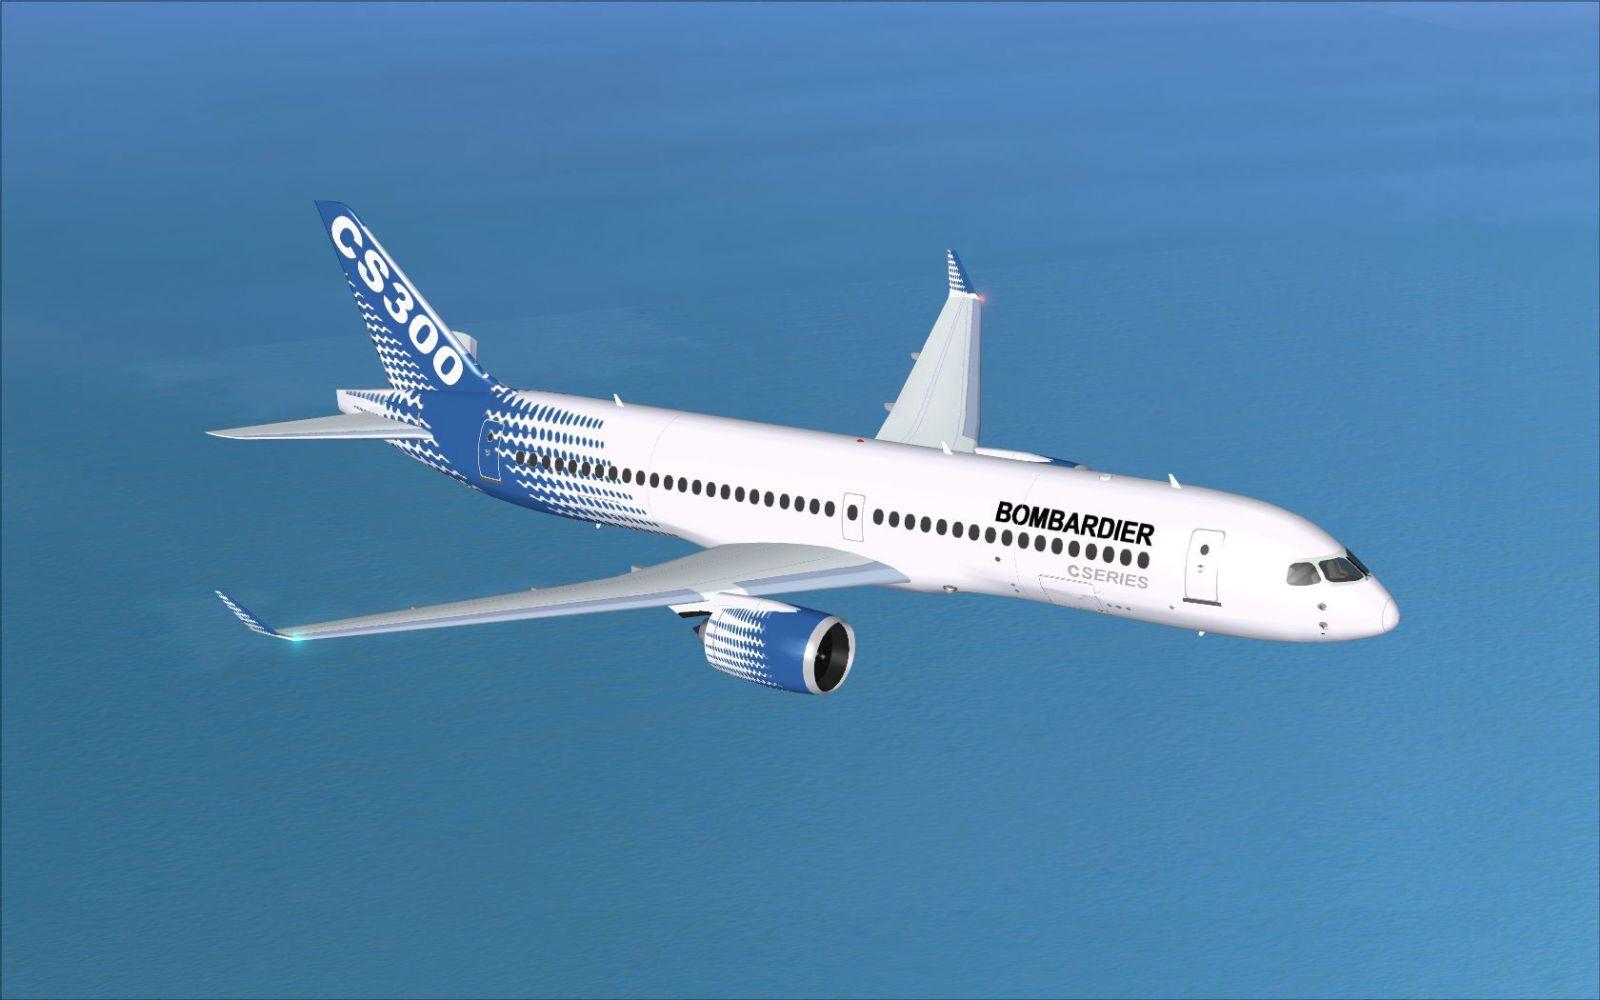 Bombardier CS300ER